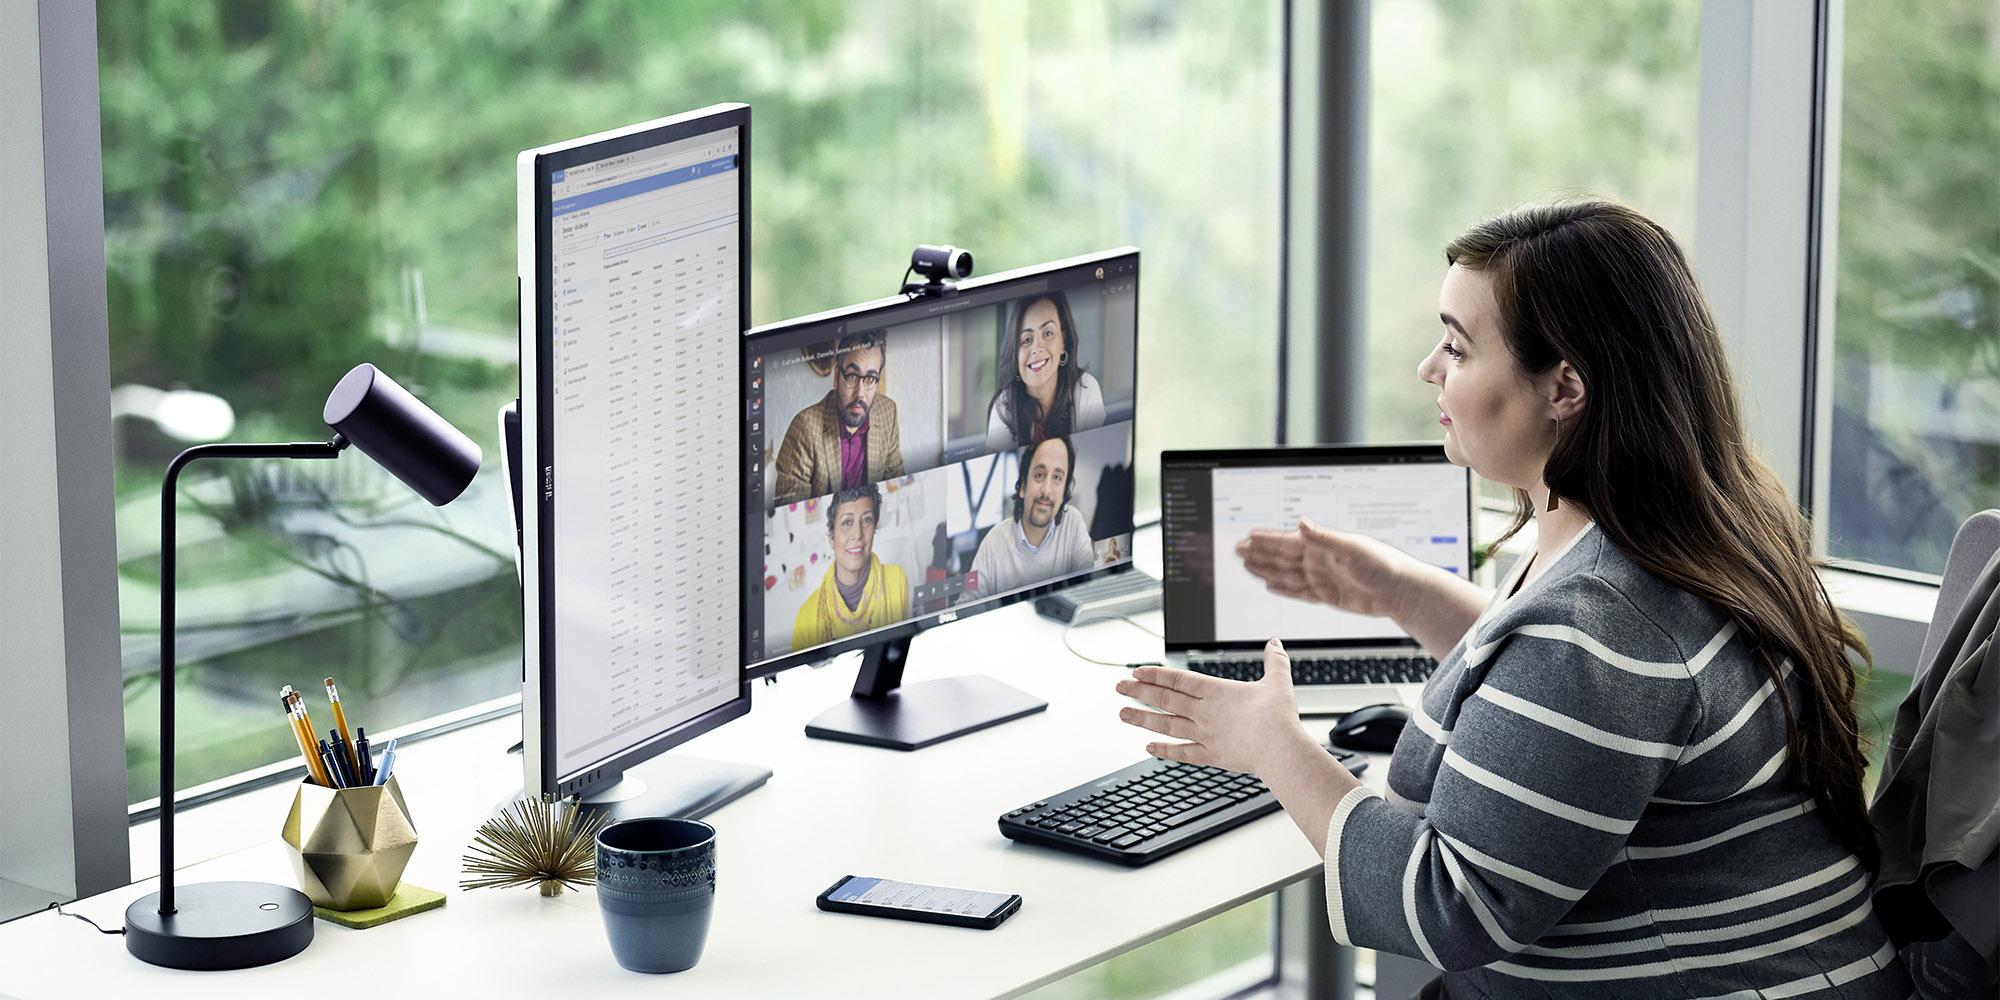 une personne assise à un bureau devant un ordinateur portable